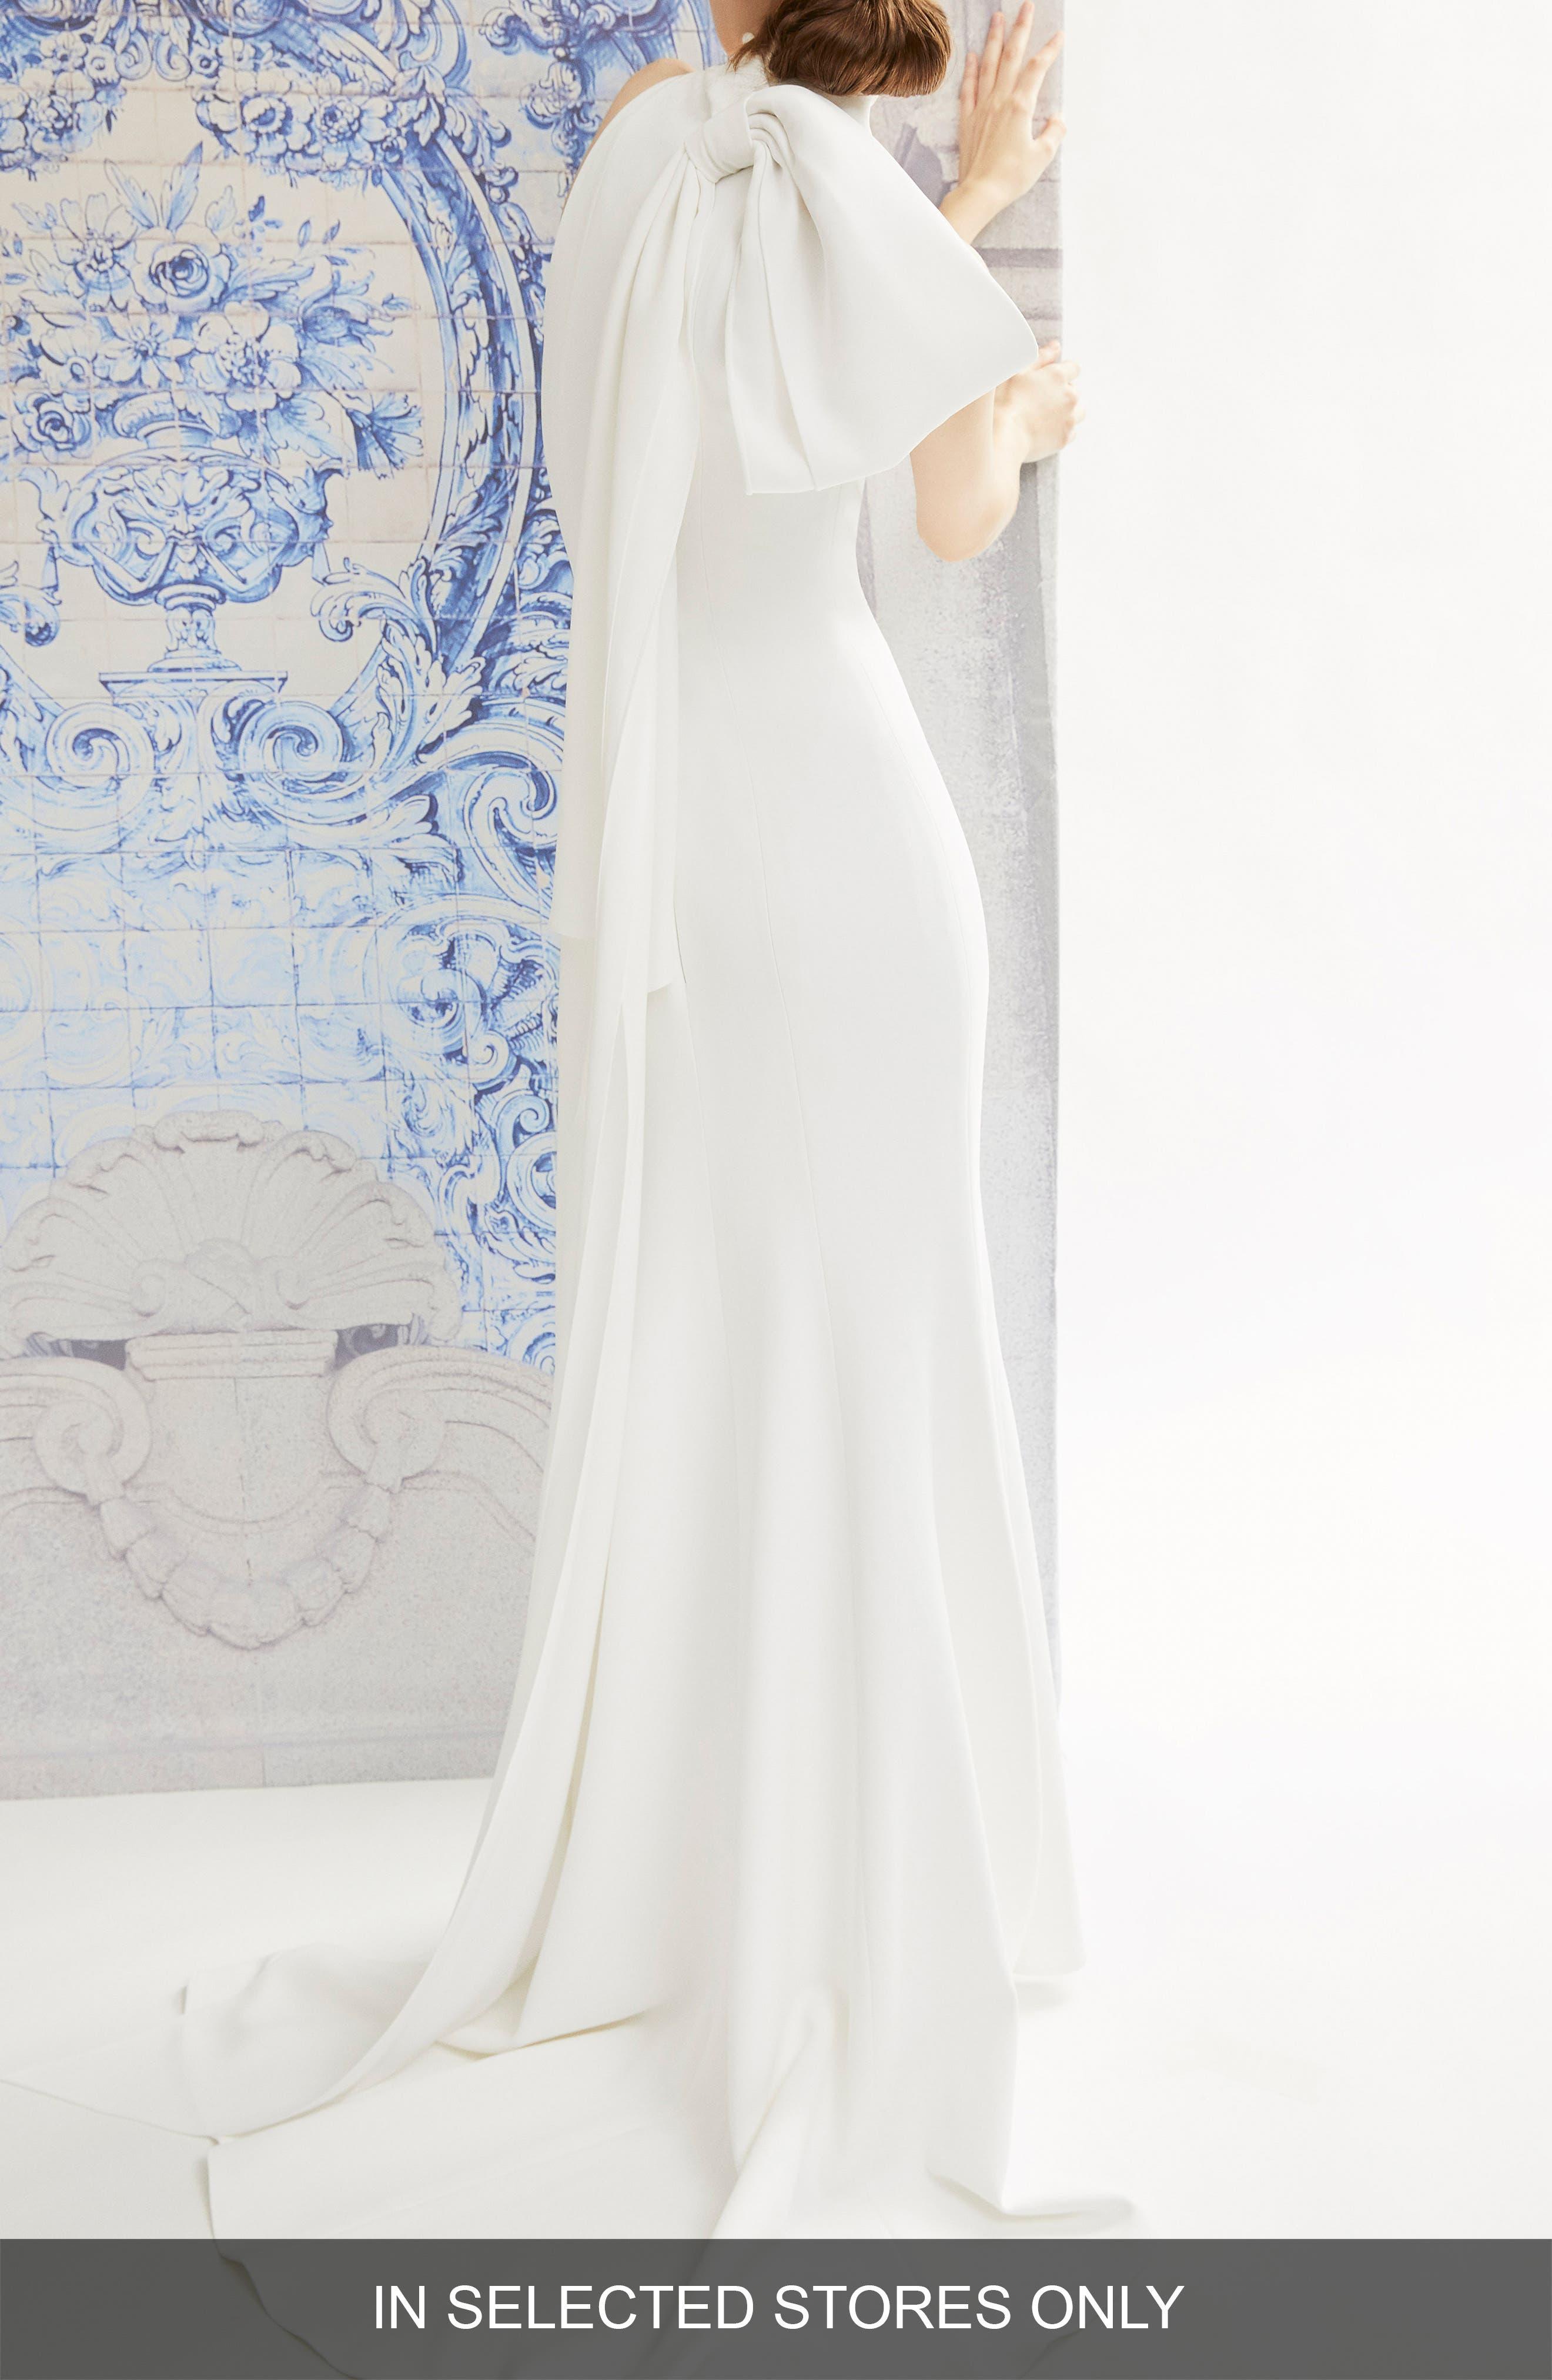 Iris Bow Back Detail Halter Wedding Dress in White